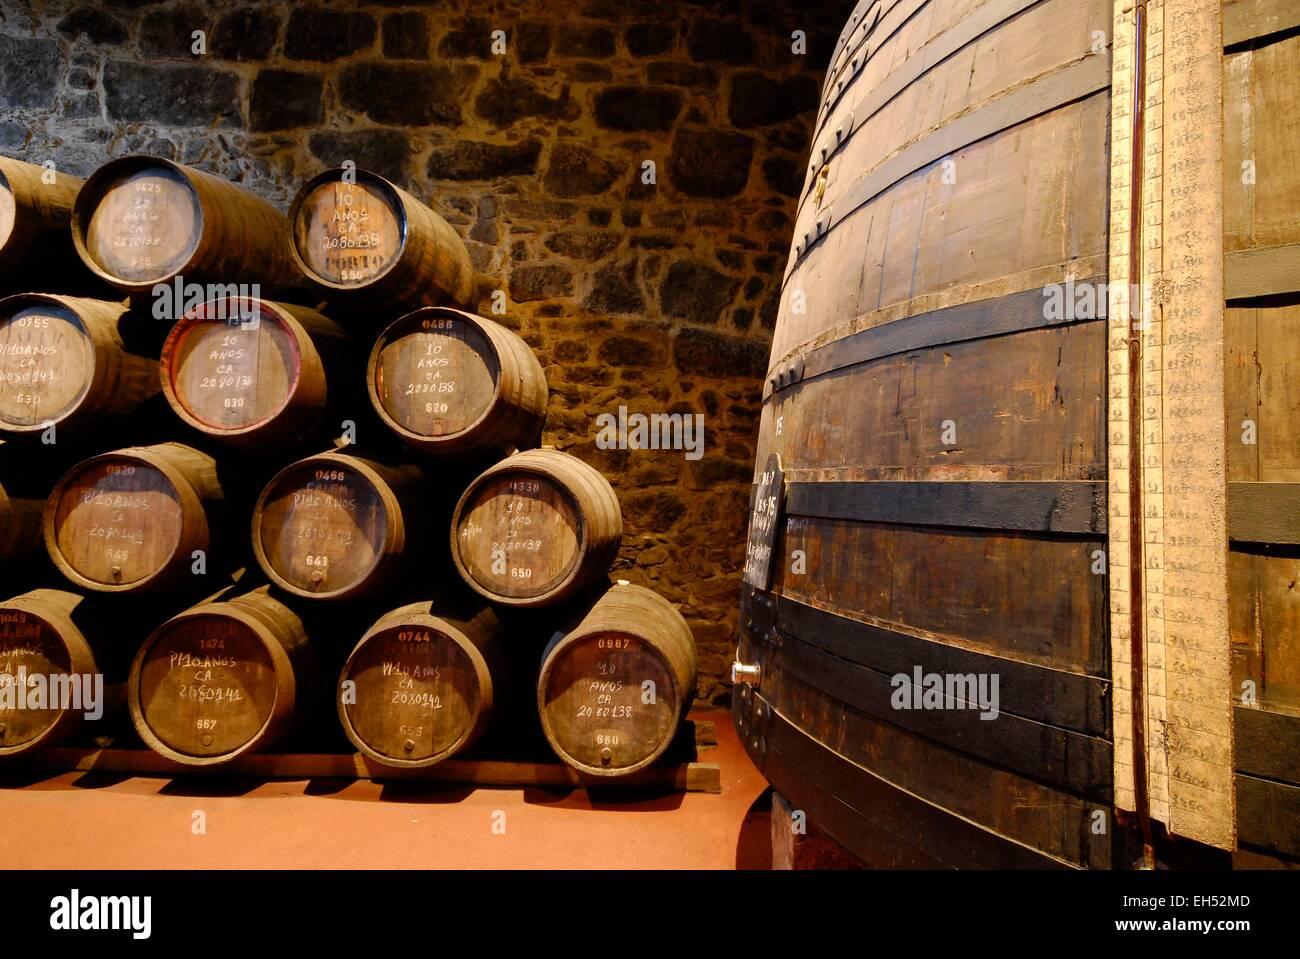 Portugal, North Region, Porto, Vila Nova de Gaia district, barrels of Porto wine in the cellars of the company Calem - Stock Image